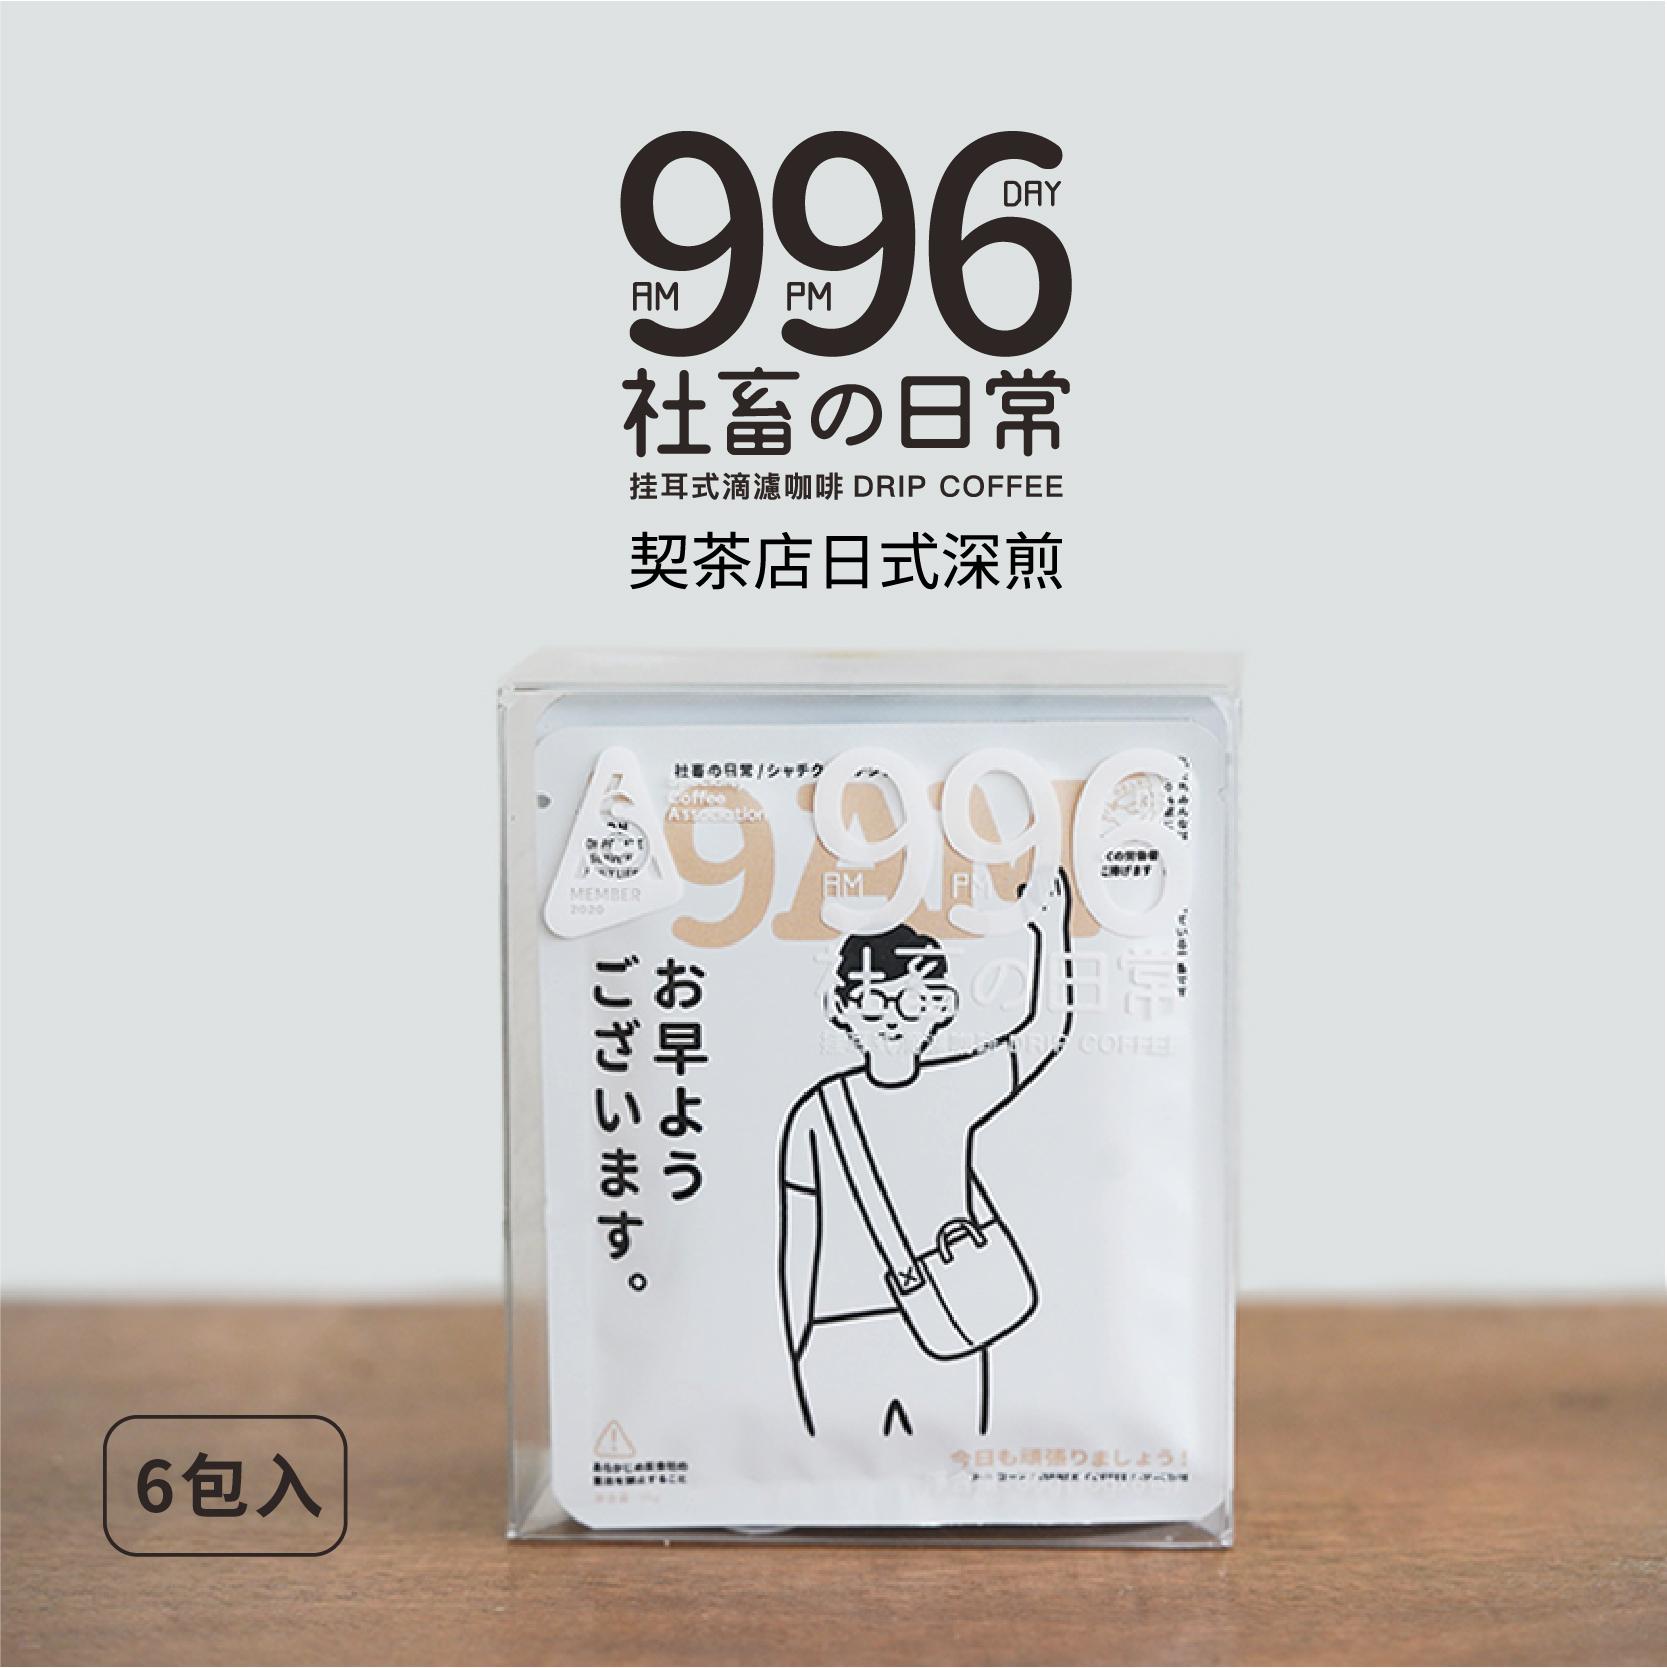 日常挂耳咖啡日式深焙加赠一包 社畜 996 Wanen x 好嗨森